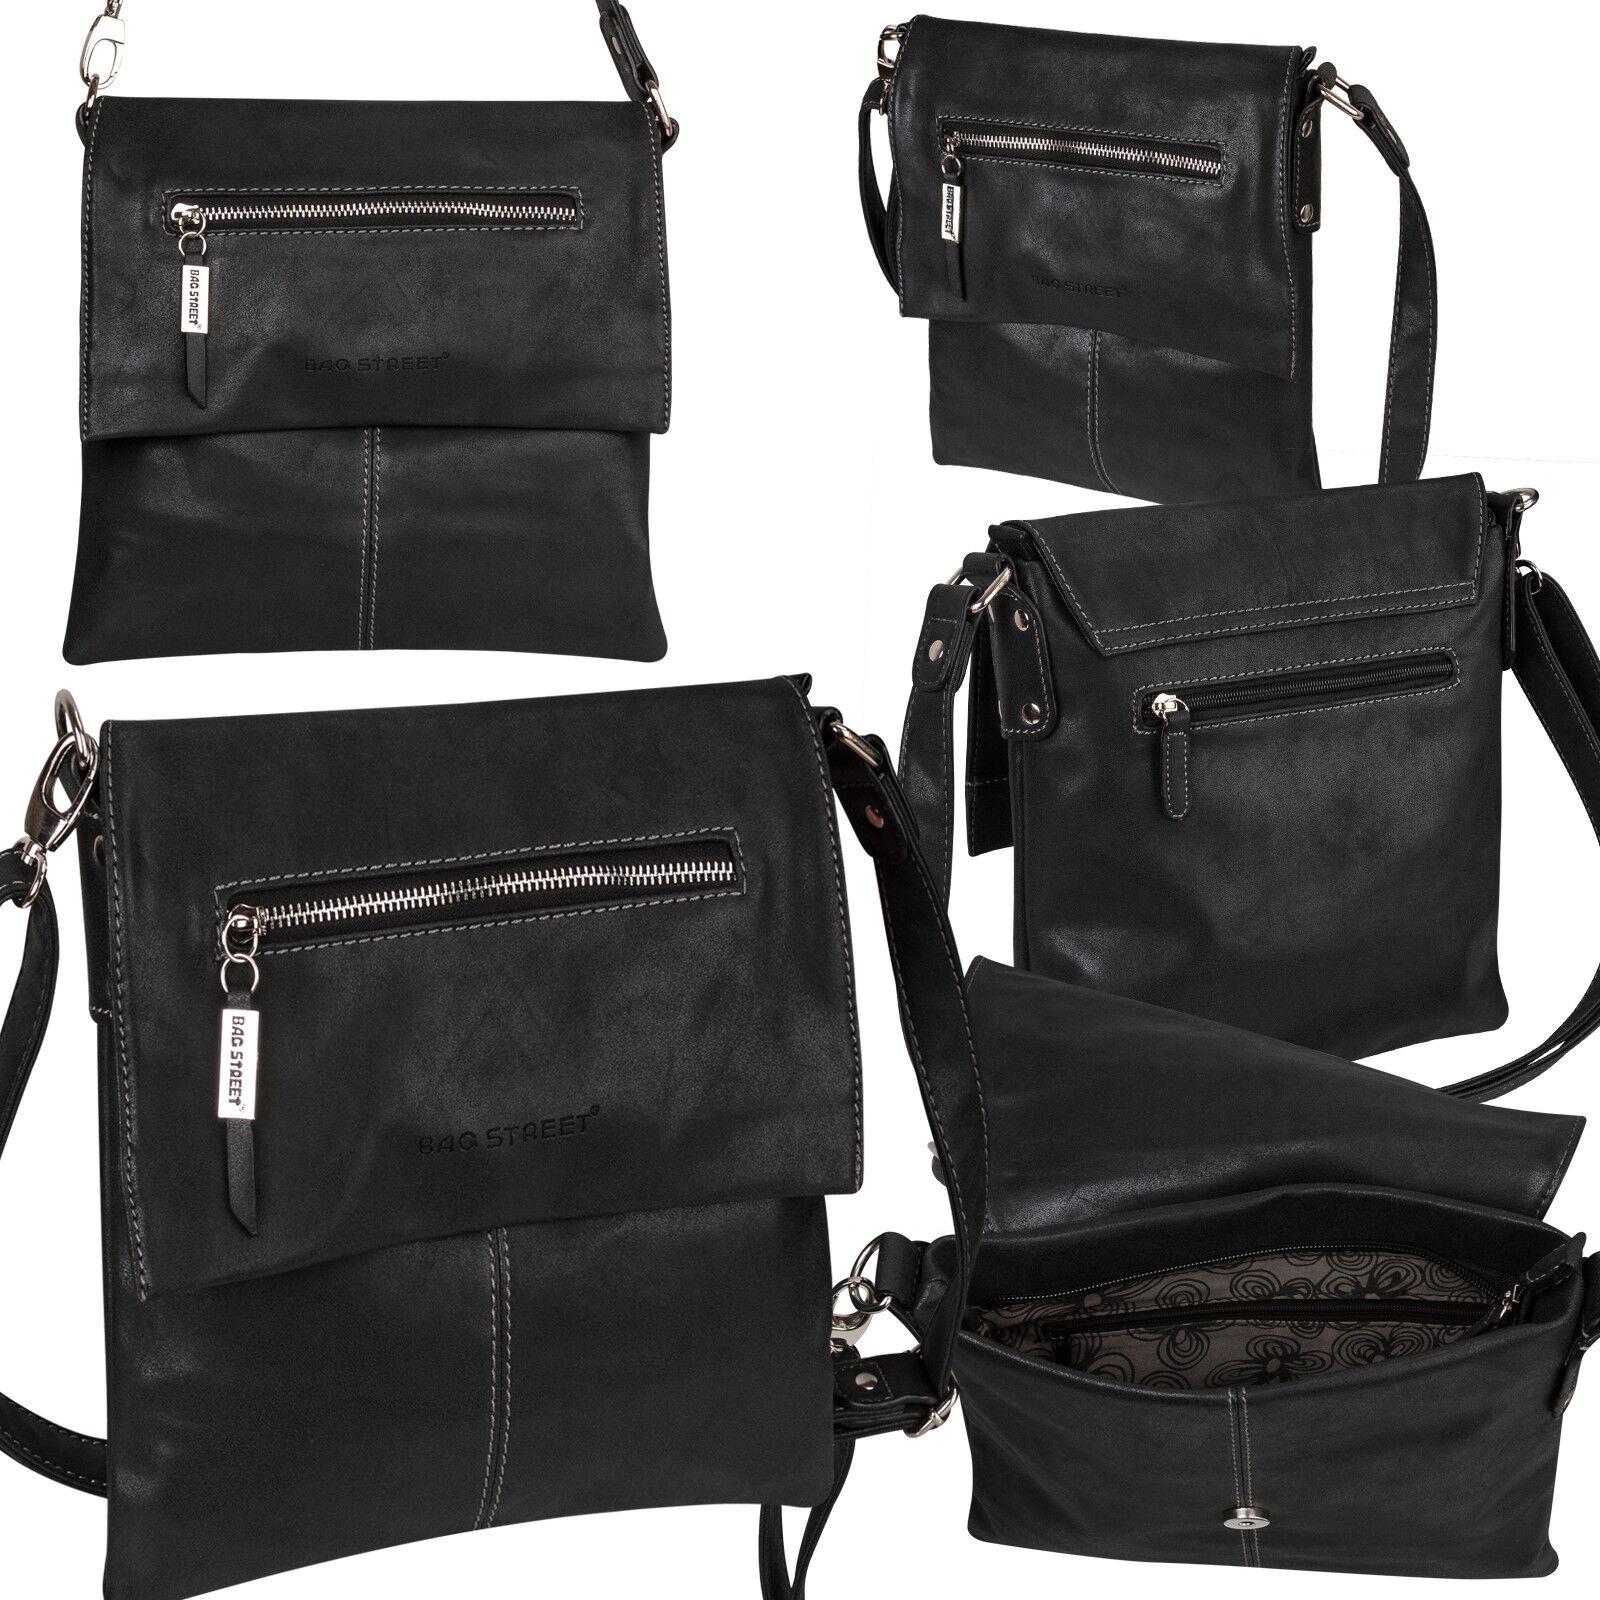 Bag Street Damentasche Umhängetasche Handtasche Schultertasche K2 T0102 Schwarz